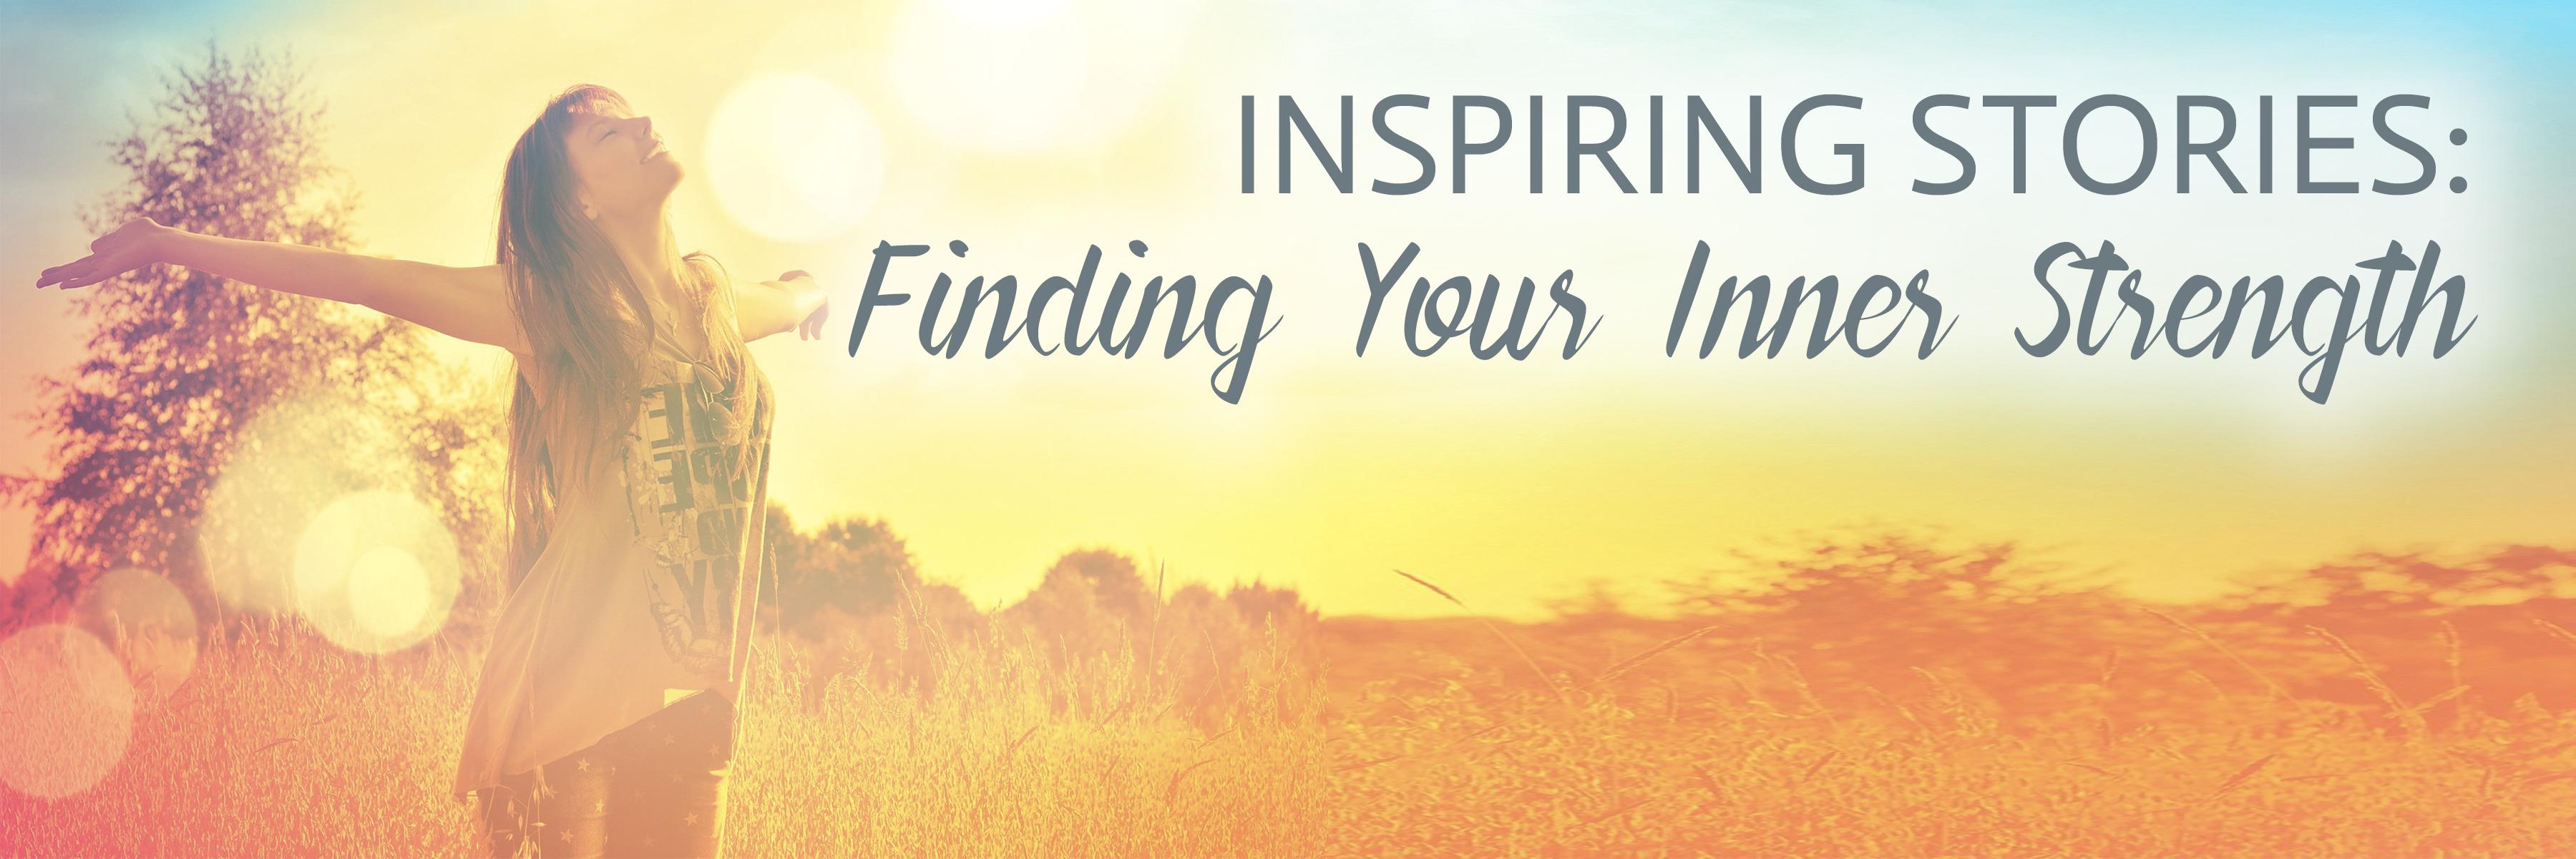 Finding Your Inner Strength Header